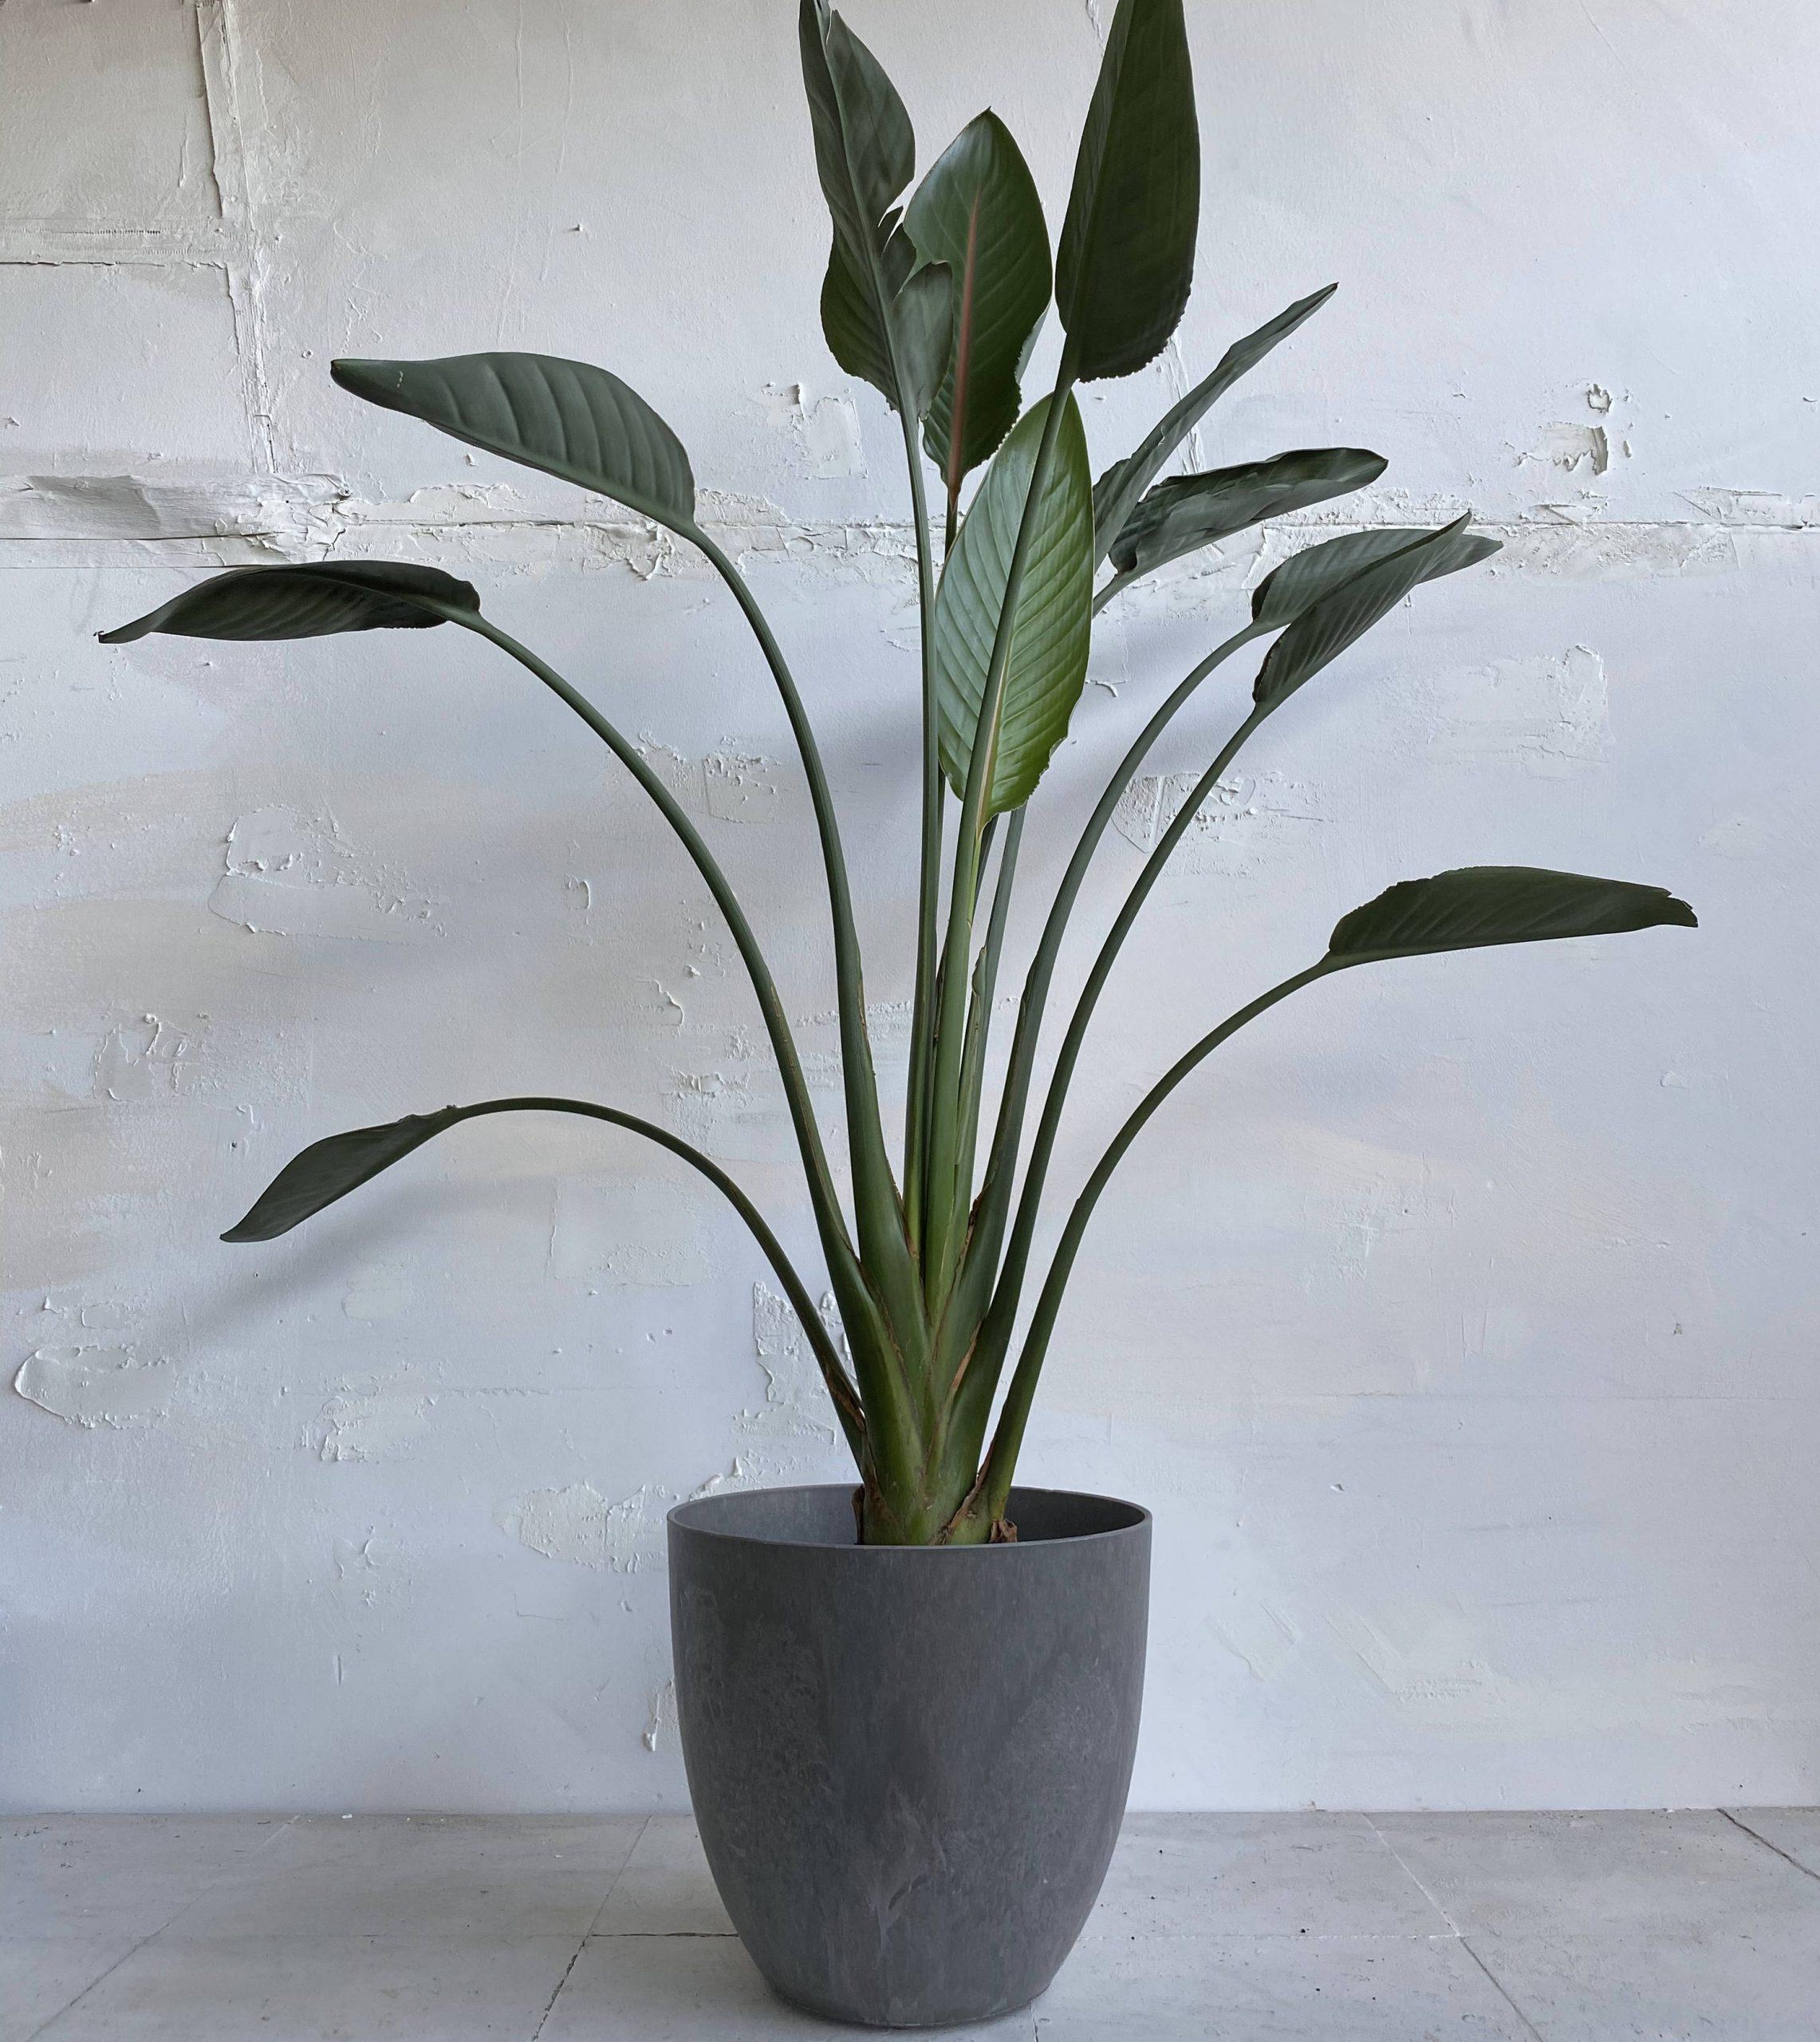 צמח גדול לבית או למשרד ציפור גן עדן למראה מלכותי